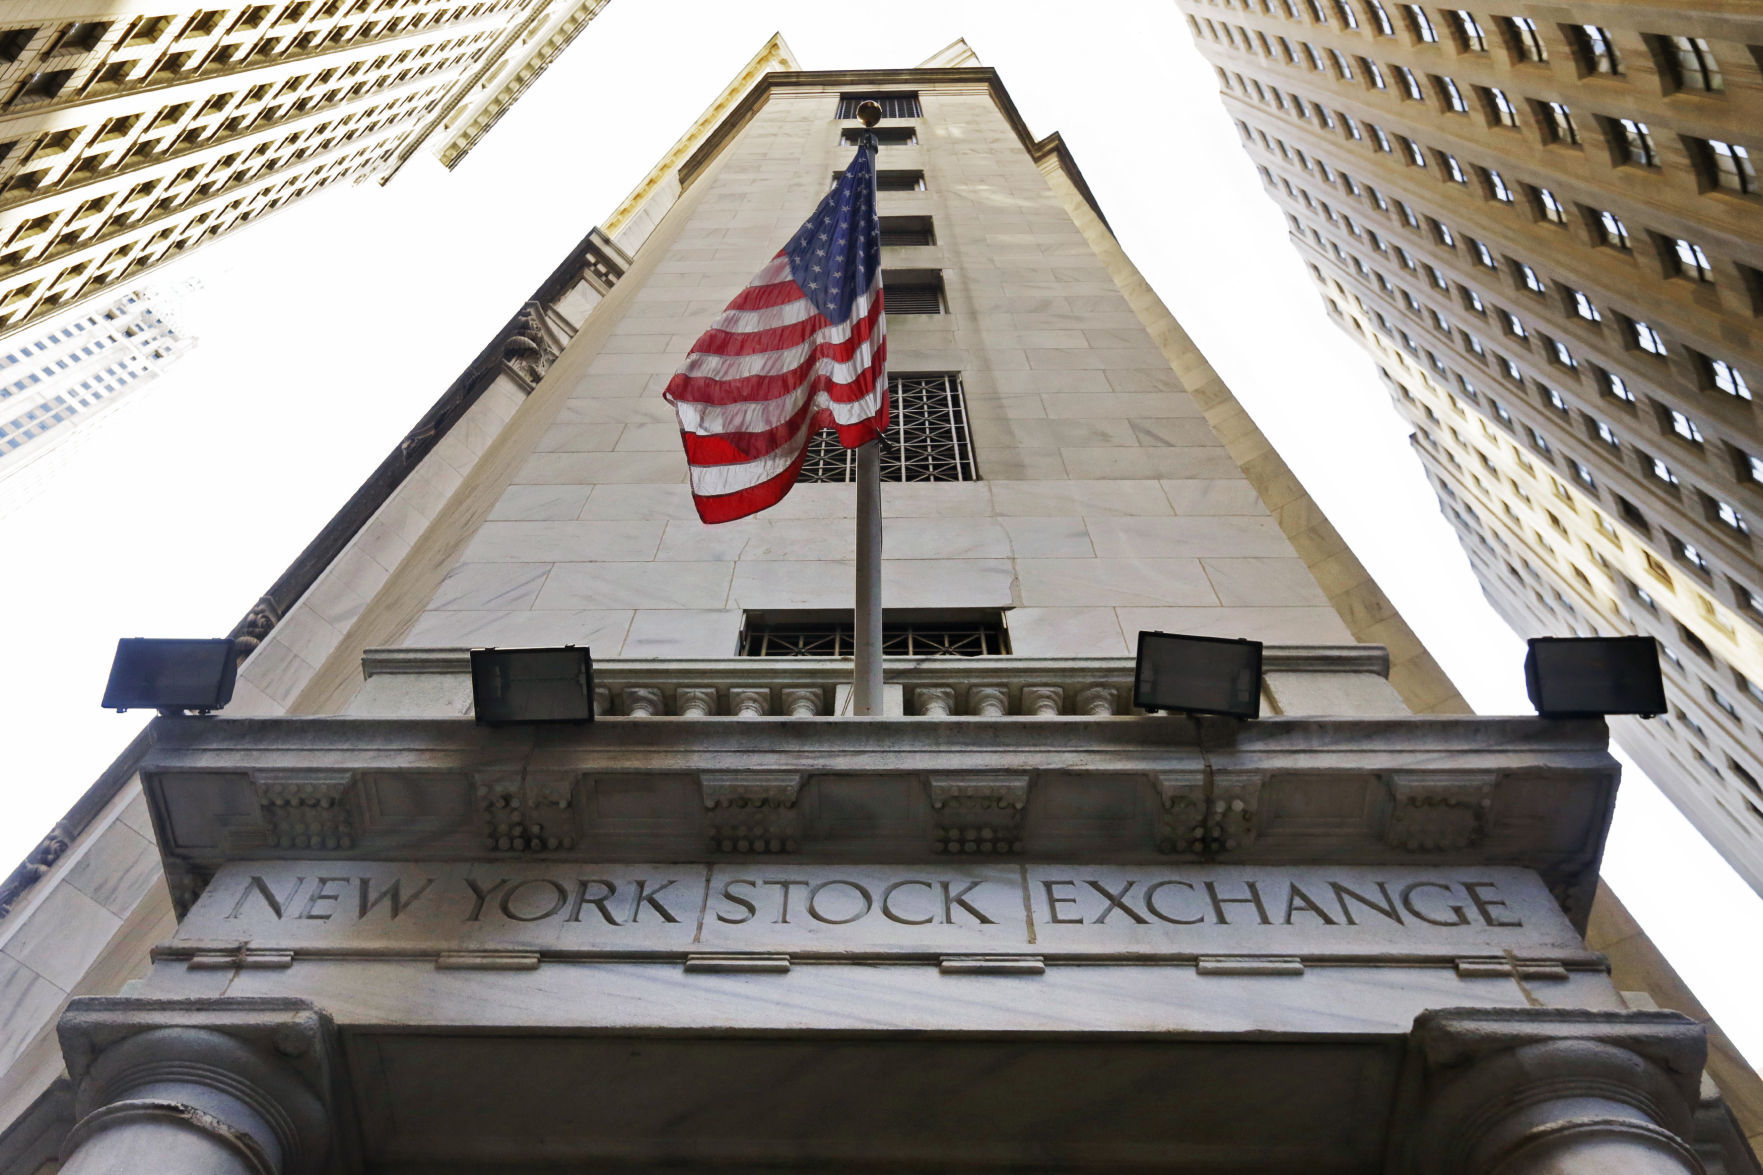 U.S. stocks open higher despite weak jobs report